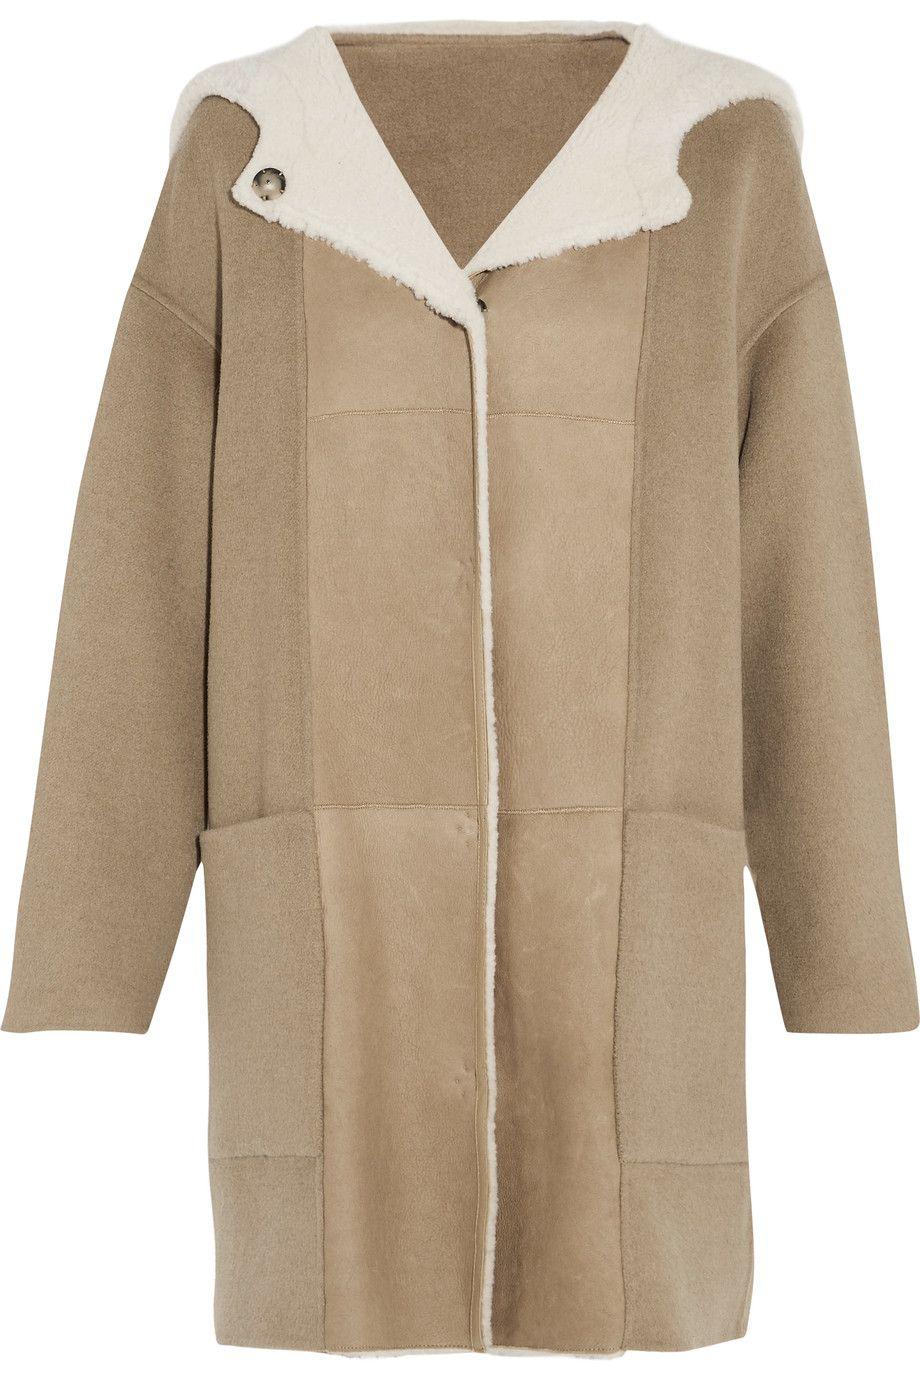 Yves Salomon Woman Reversible Shearling Vest Antique Rose Size 40 Yves Salomon Cheap Sale 100% Authentic Sale Official mOL2Jj